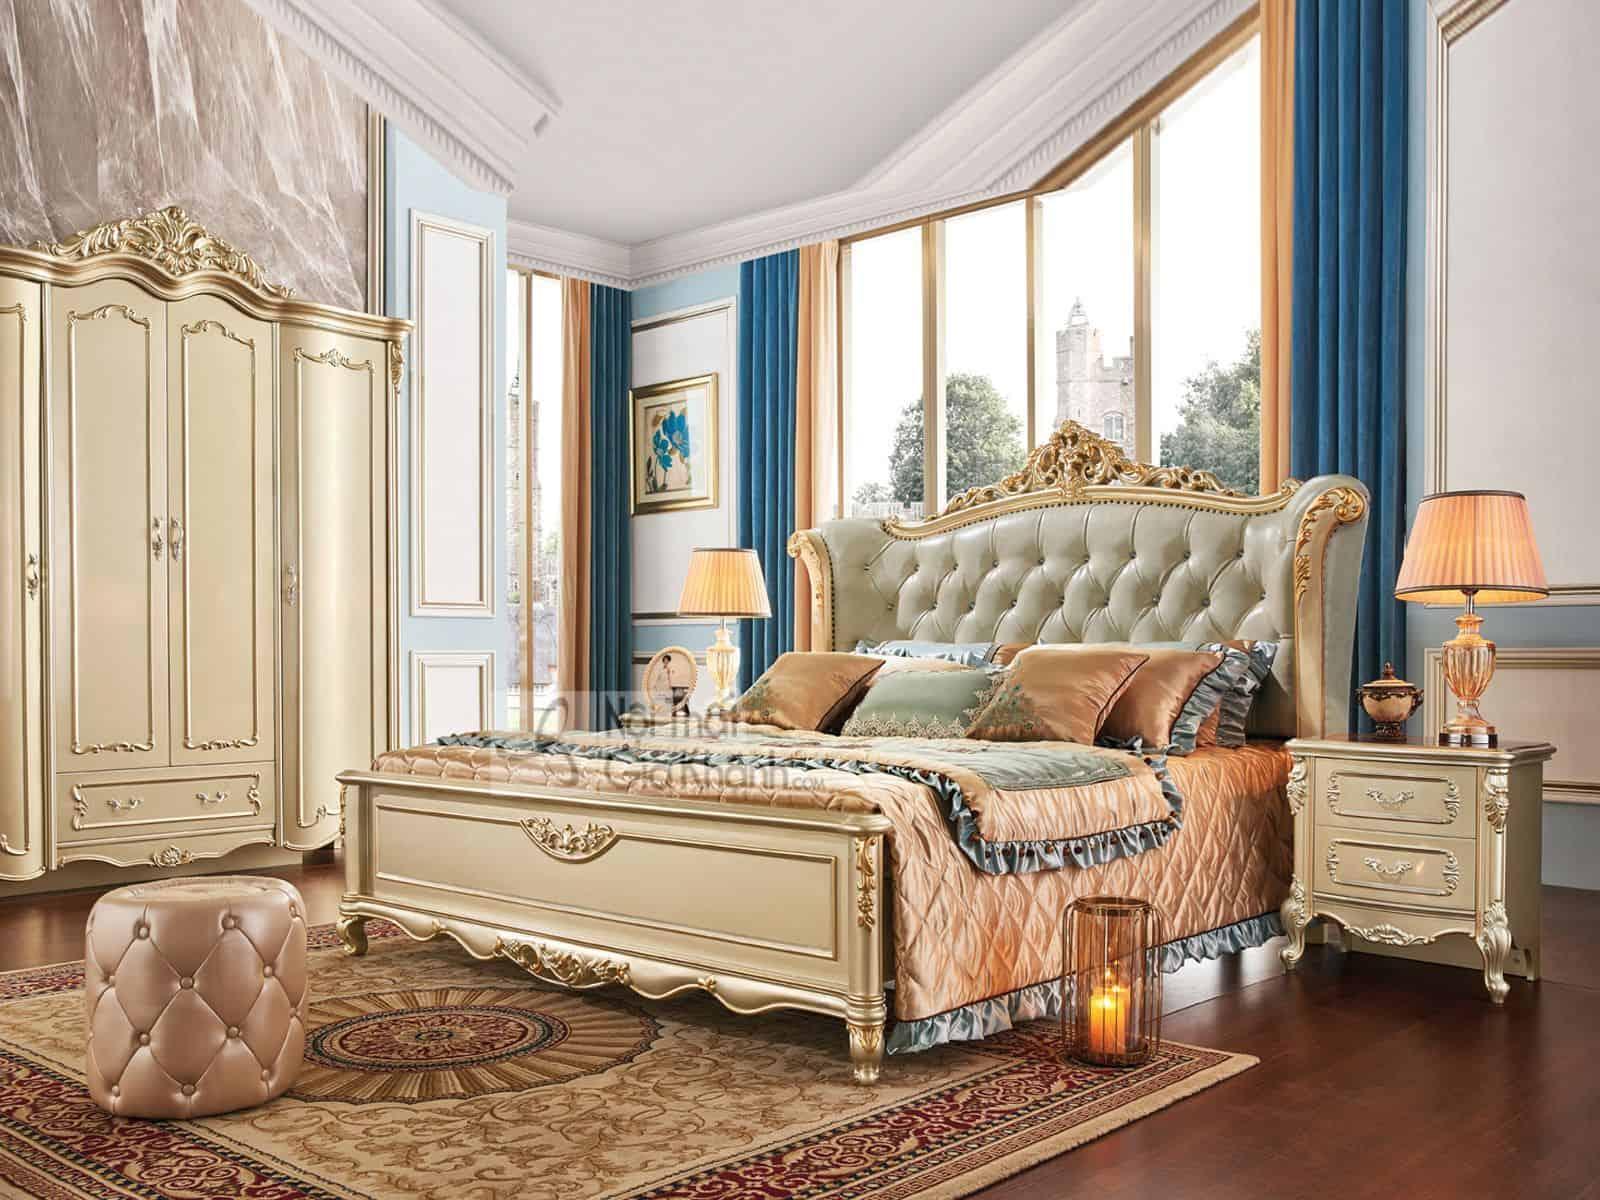 Mẫu giường đẹp phong cách tân cổ điển GI8832A (Mẫu mới nhất)